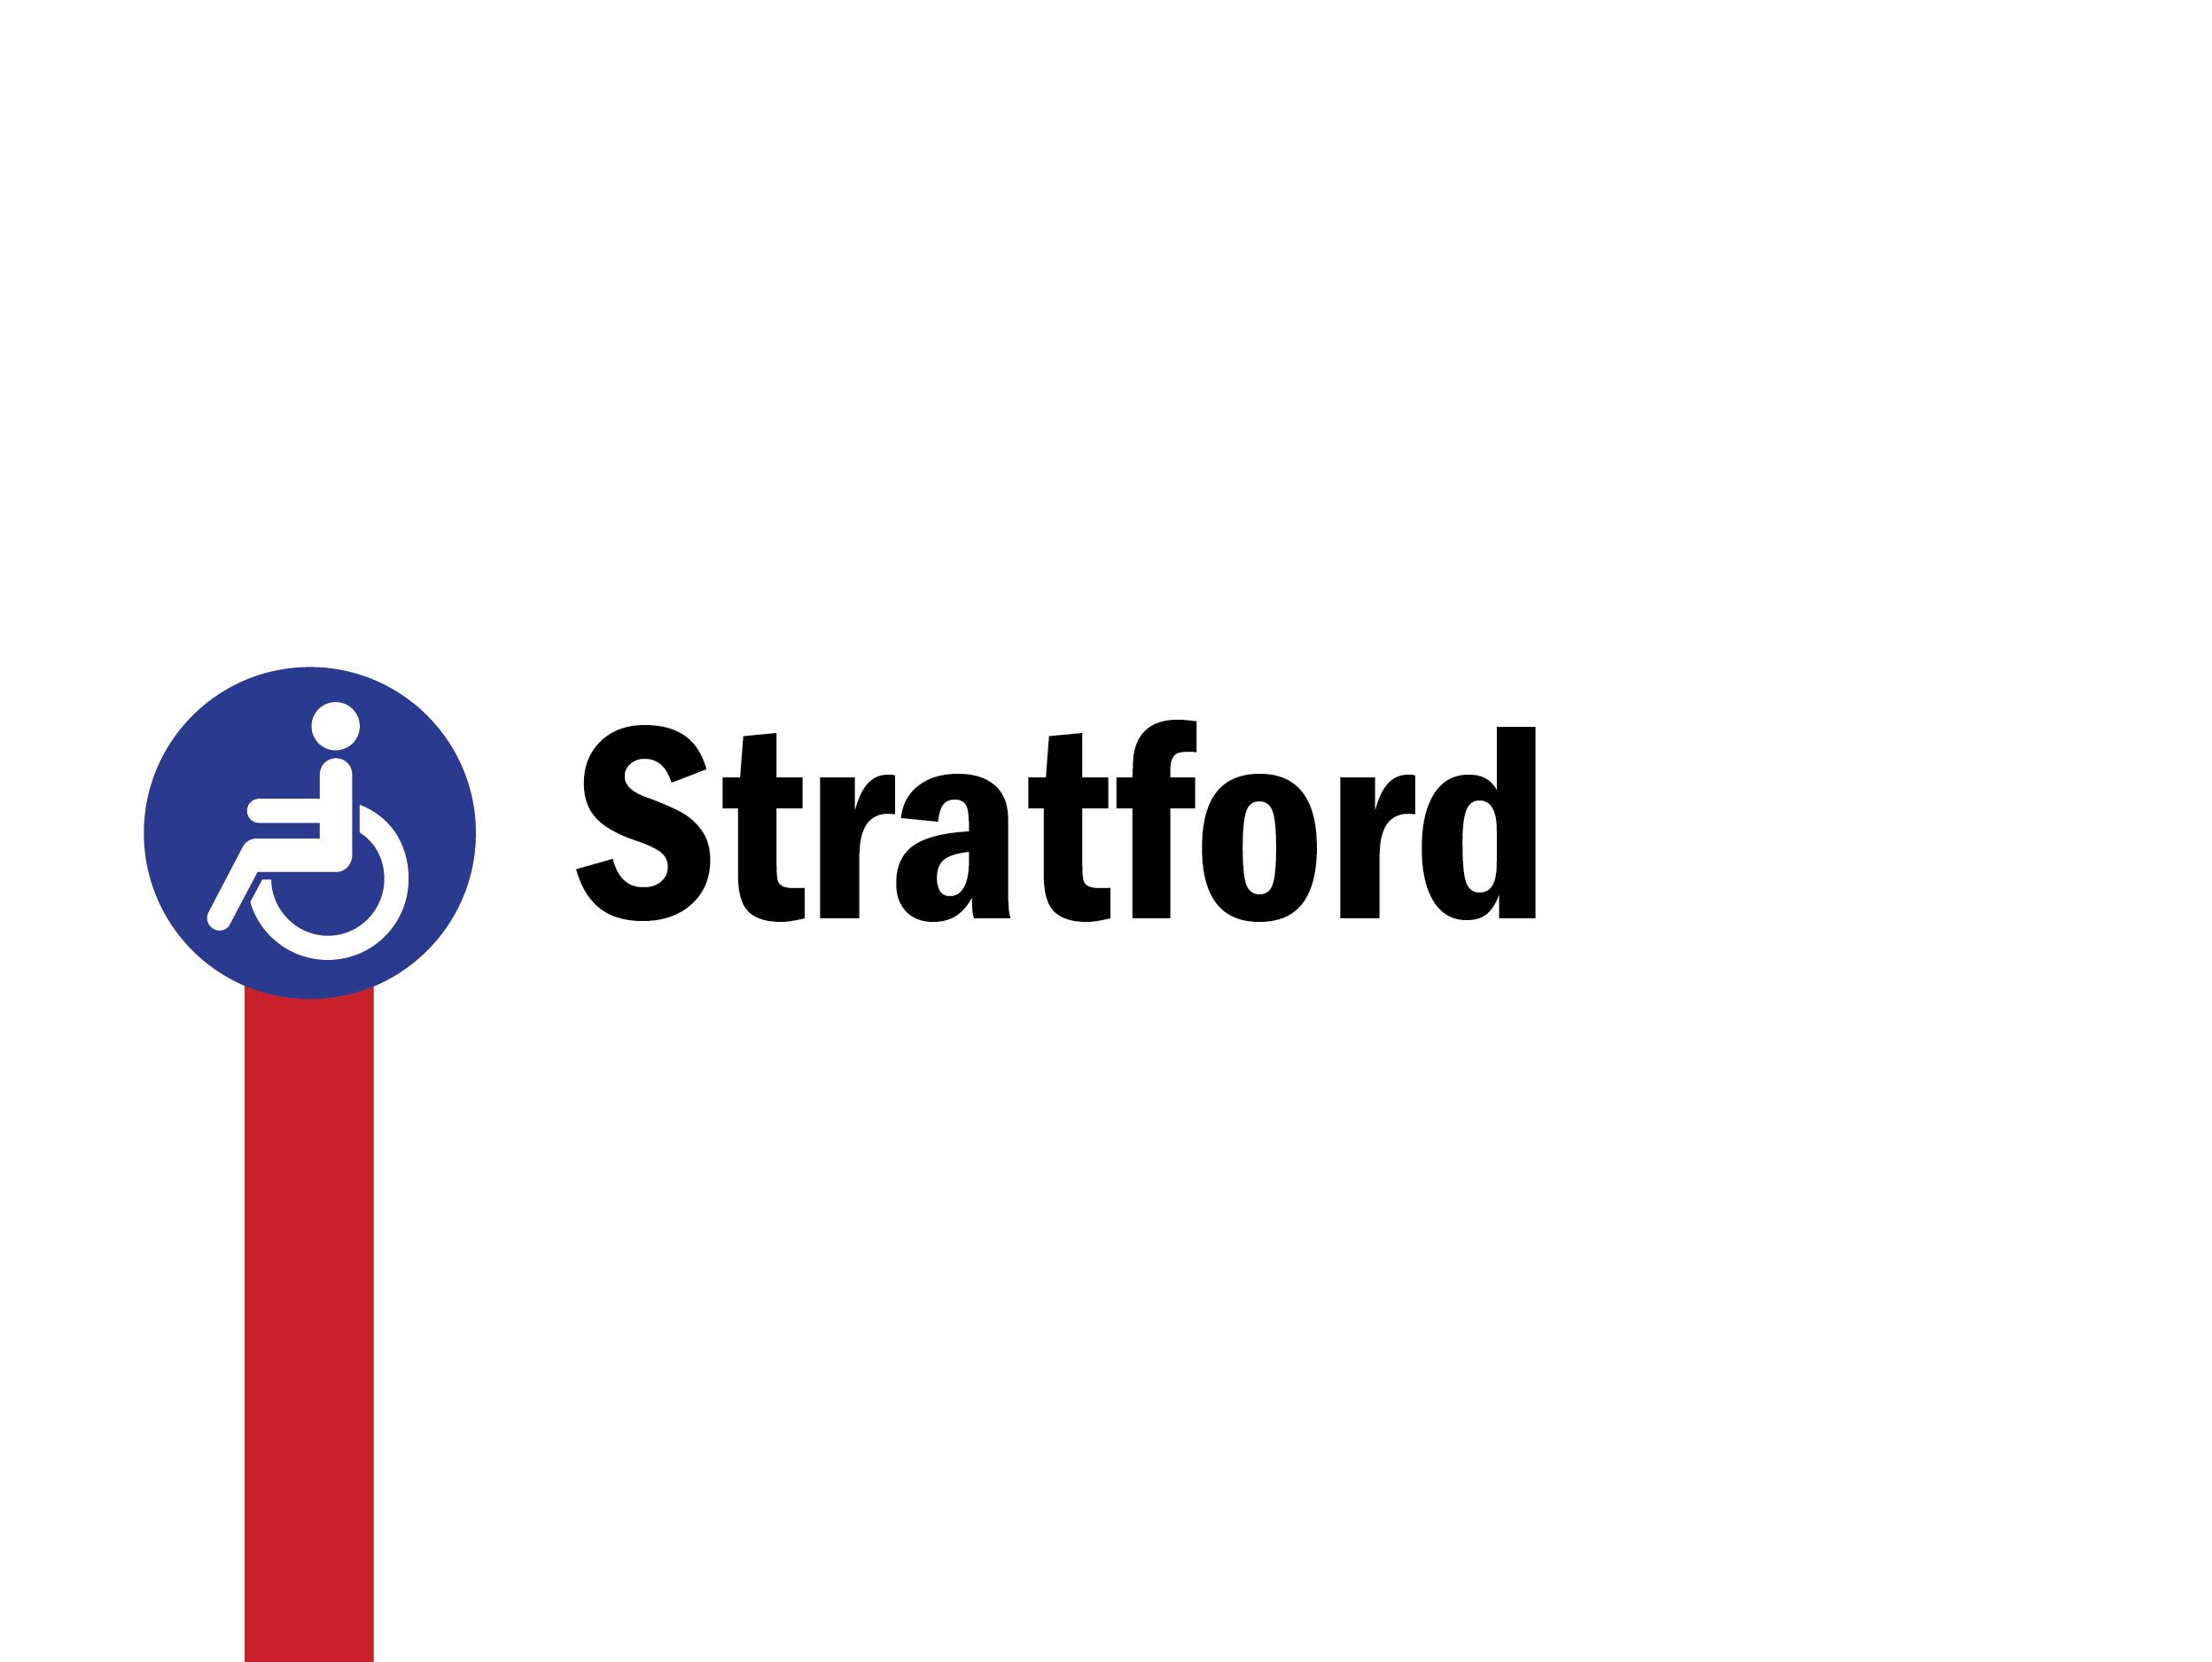 Night tube: Stratford